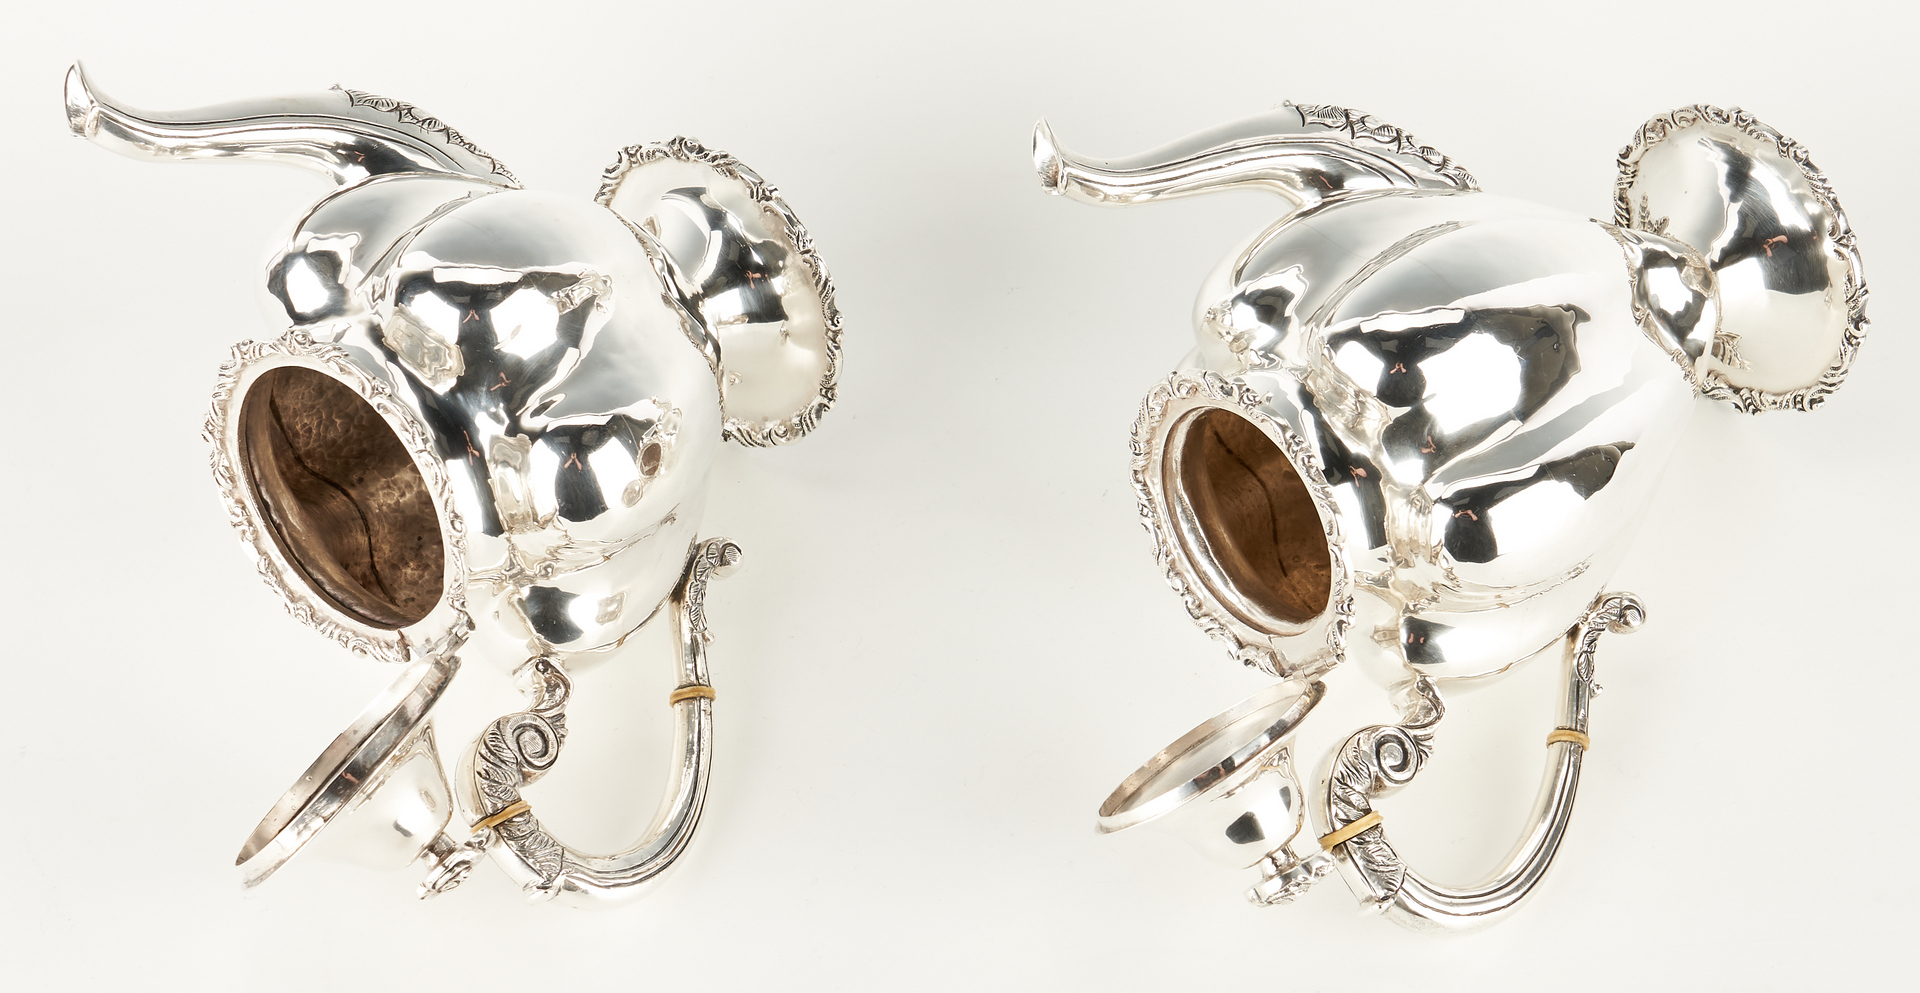 Lot 282: 4 Pcs. Mexican Lilyan Sterling Silver Tea Set